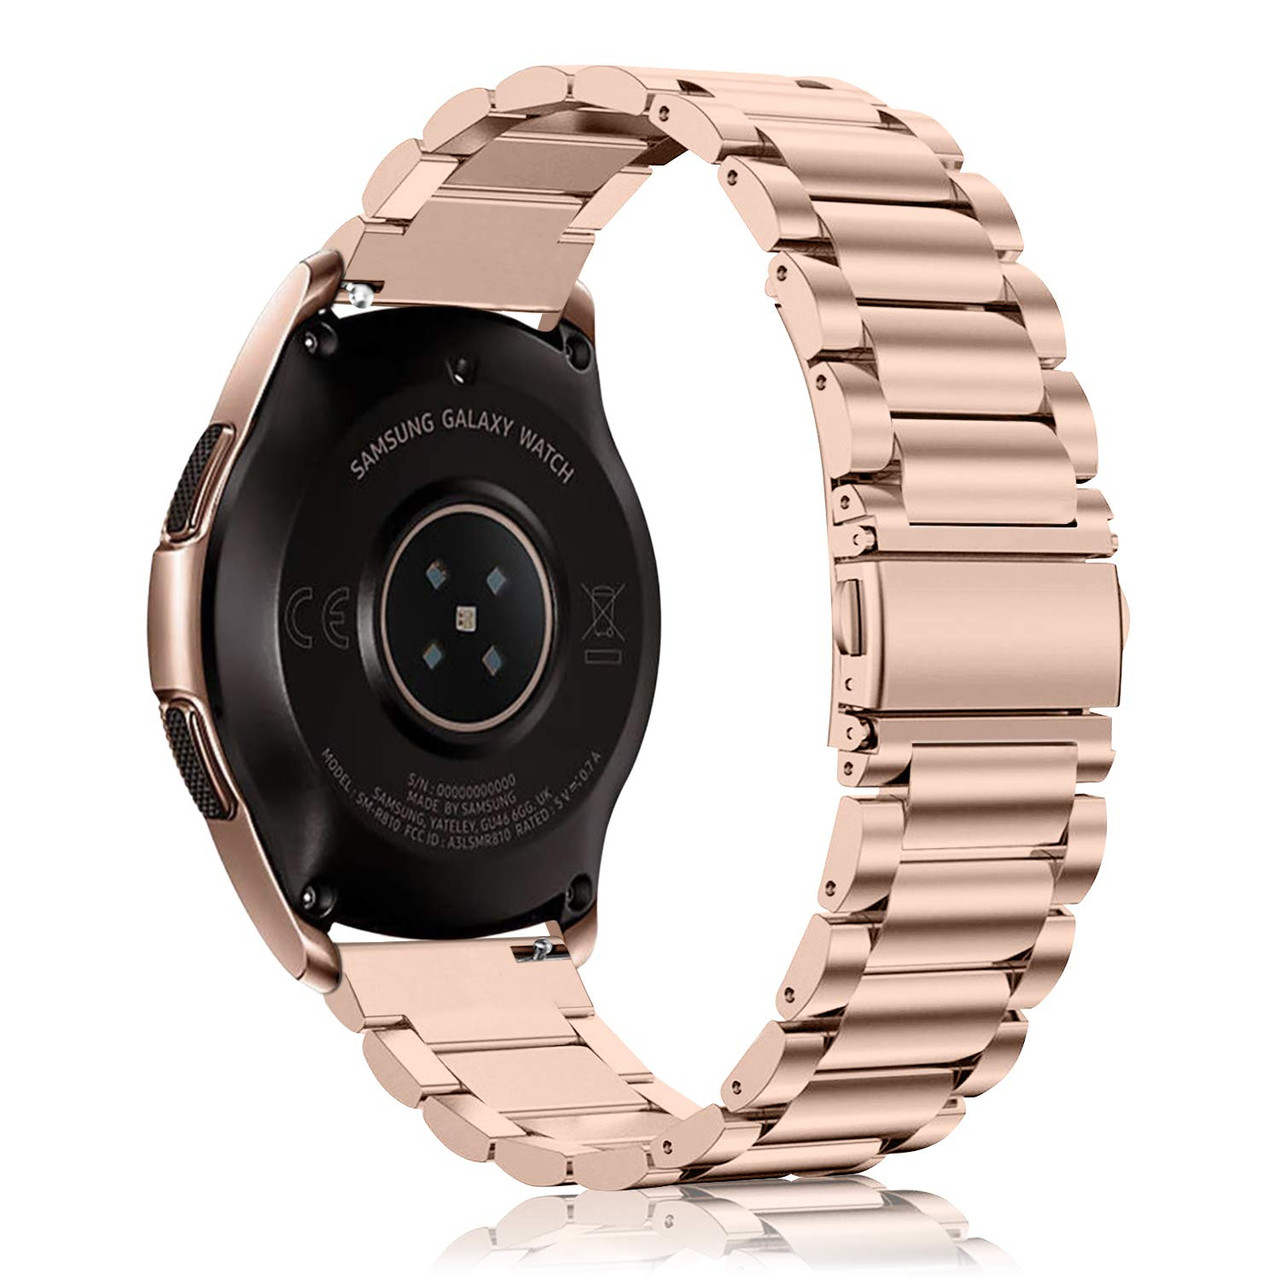 Ремешок стальной 22мм BeWatch для Samsung Galaxy Watch 46mm РозовоеЗолото (1020438)